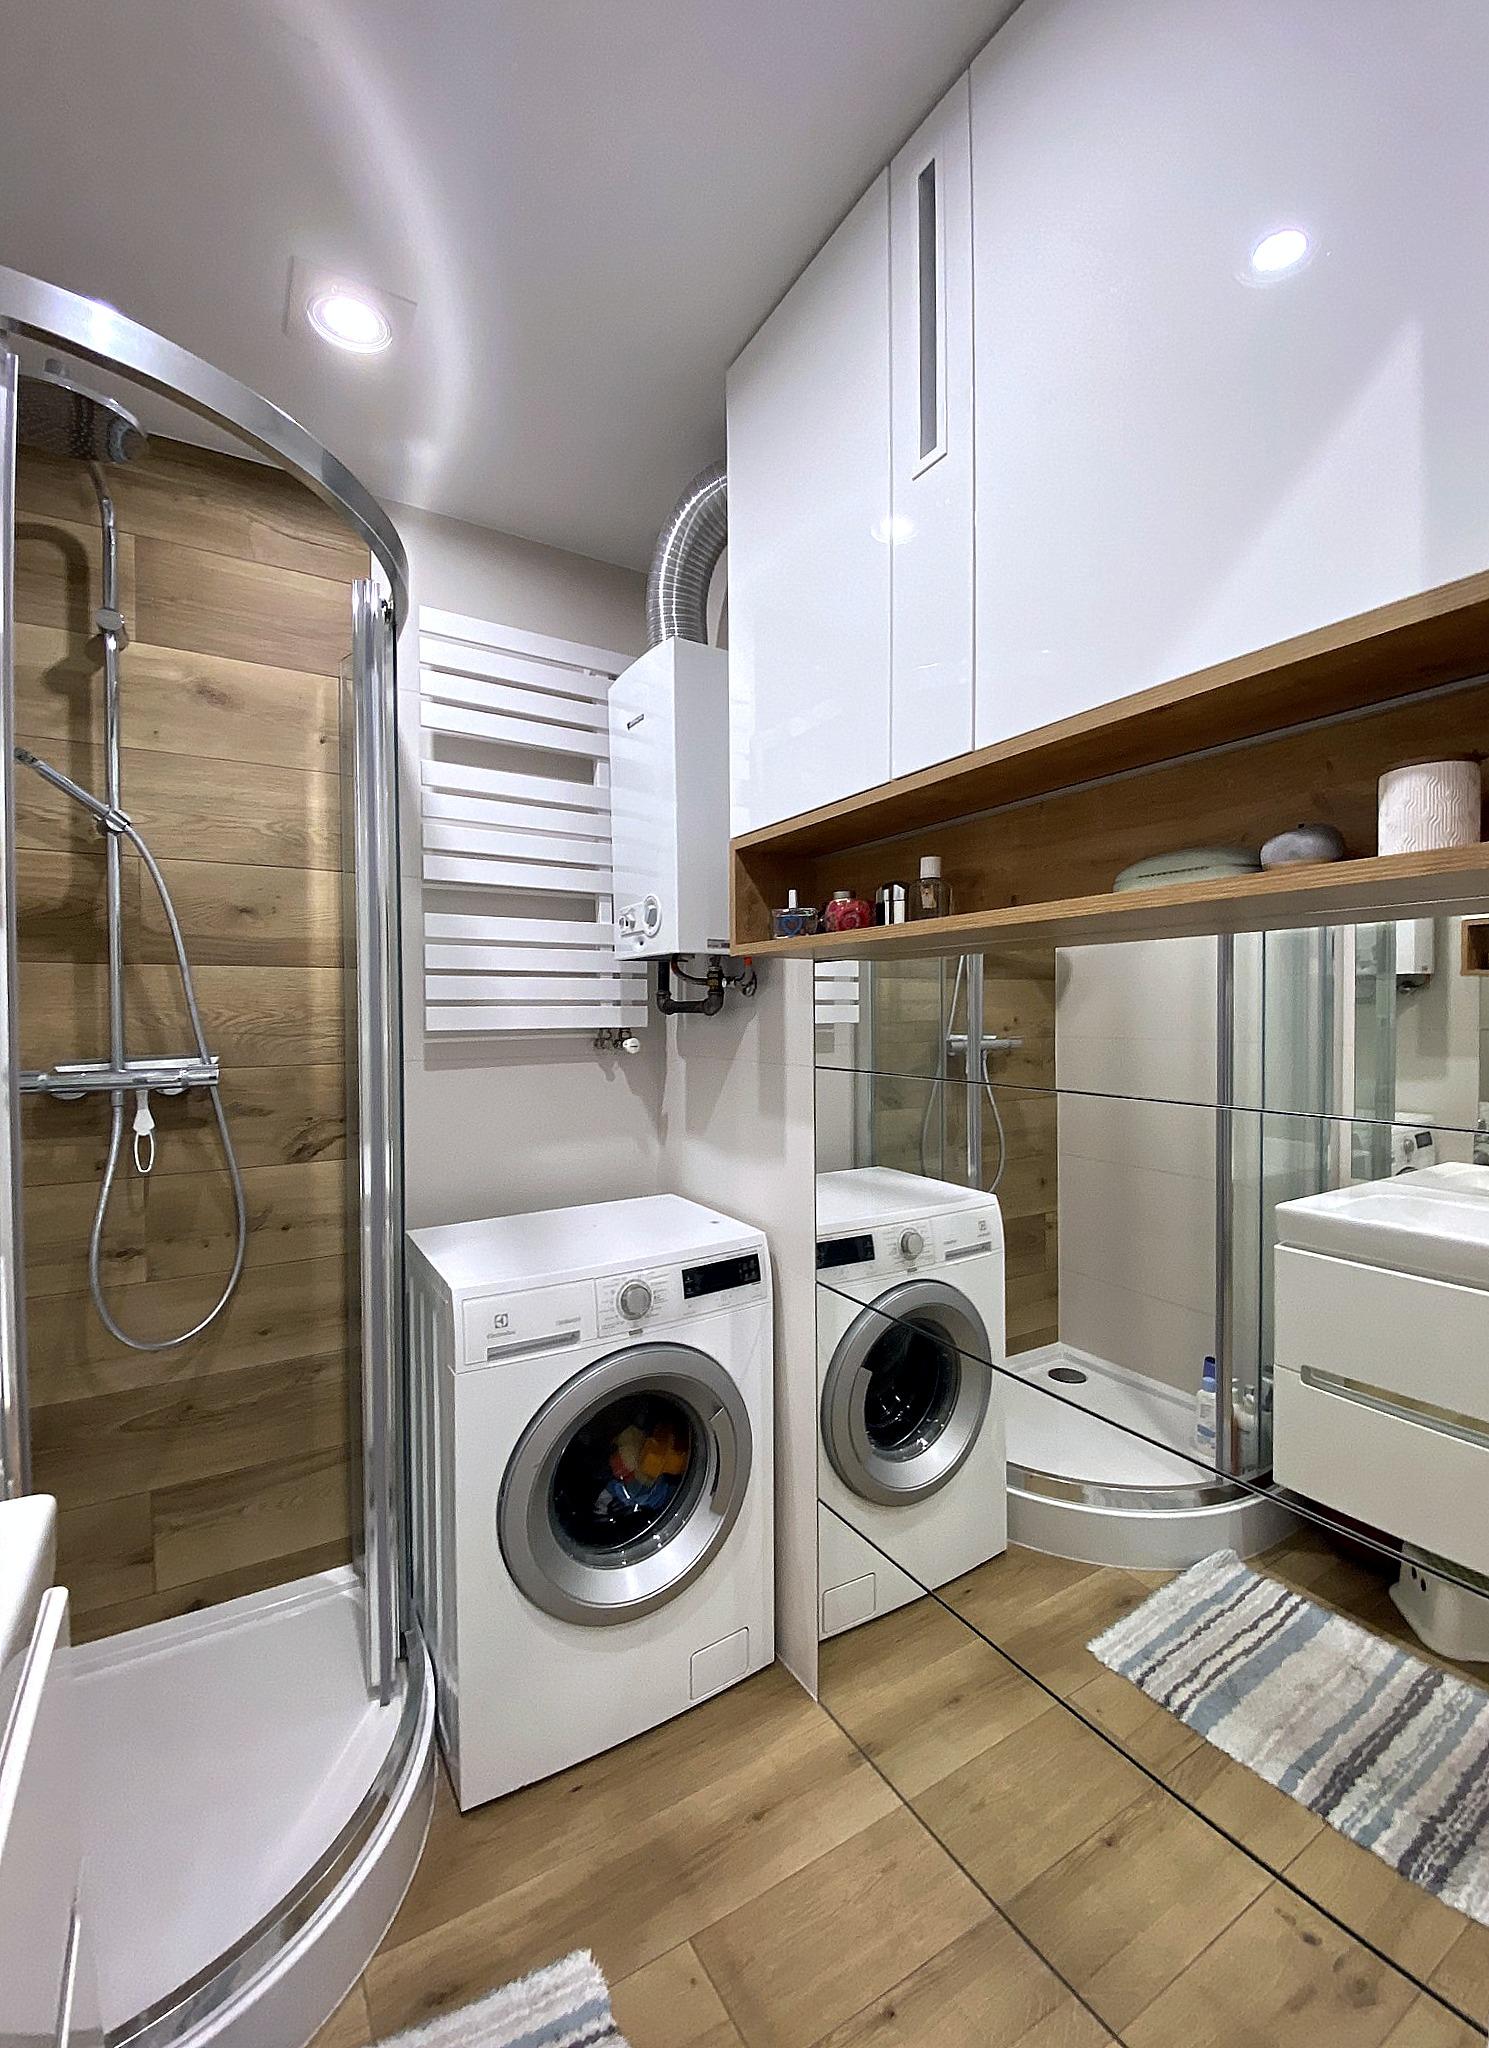 projekt wnętrz łazienki awx2 architekci (4)